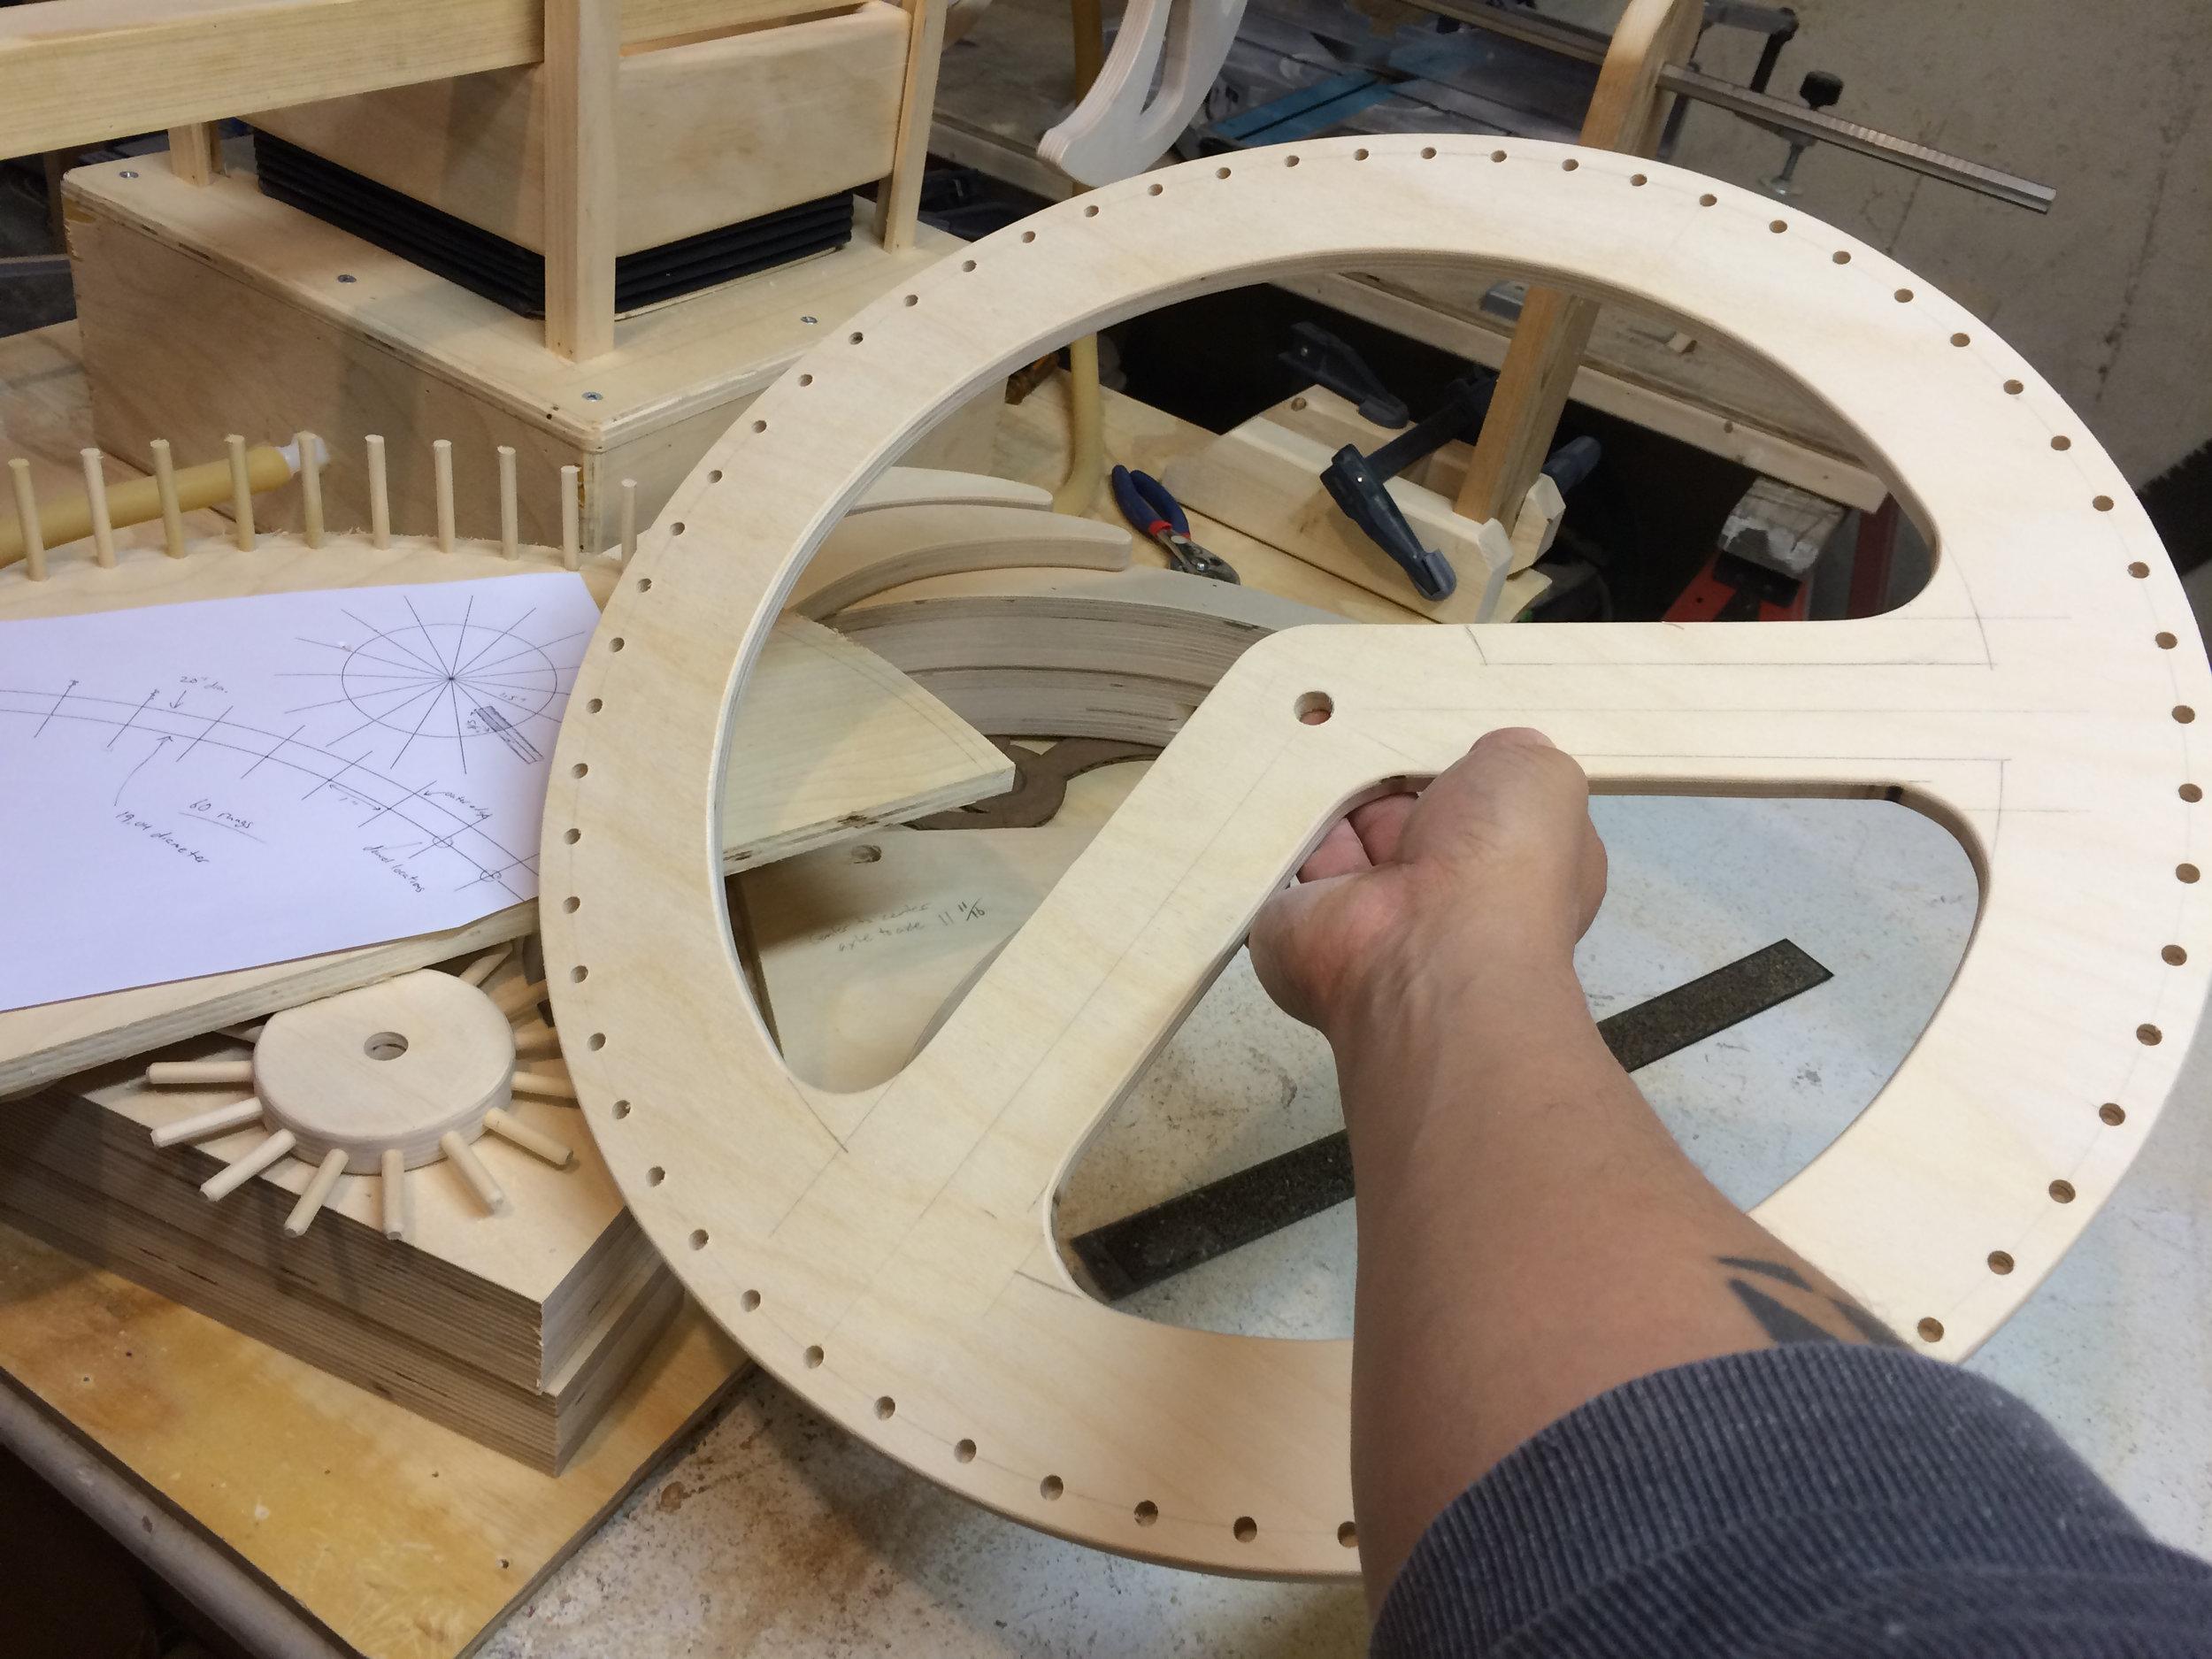 large lantern gear in progress